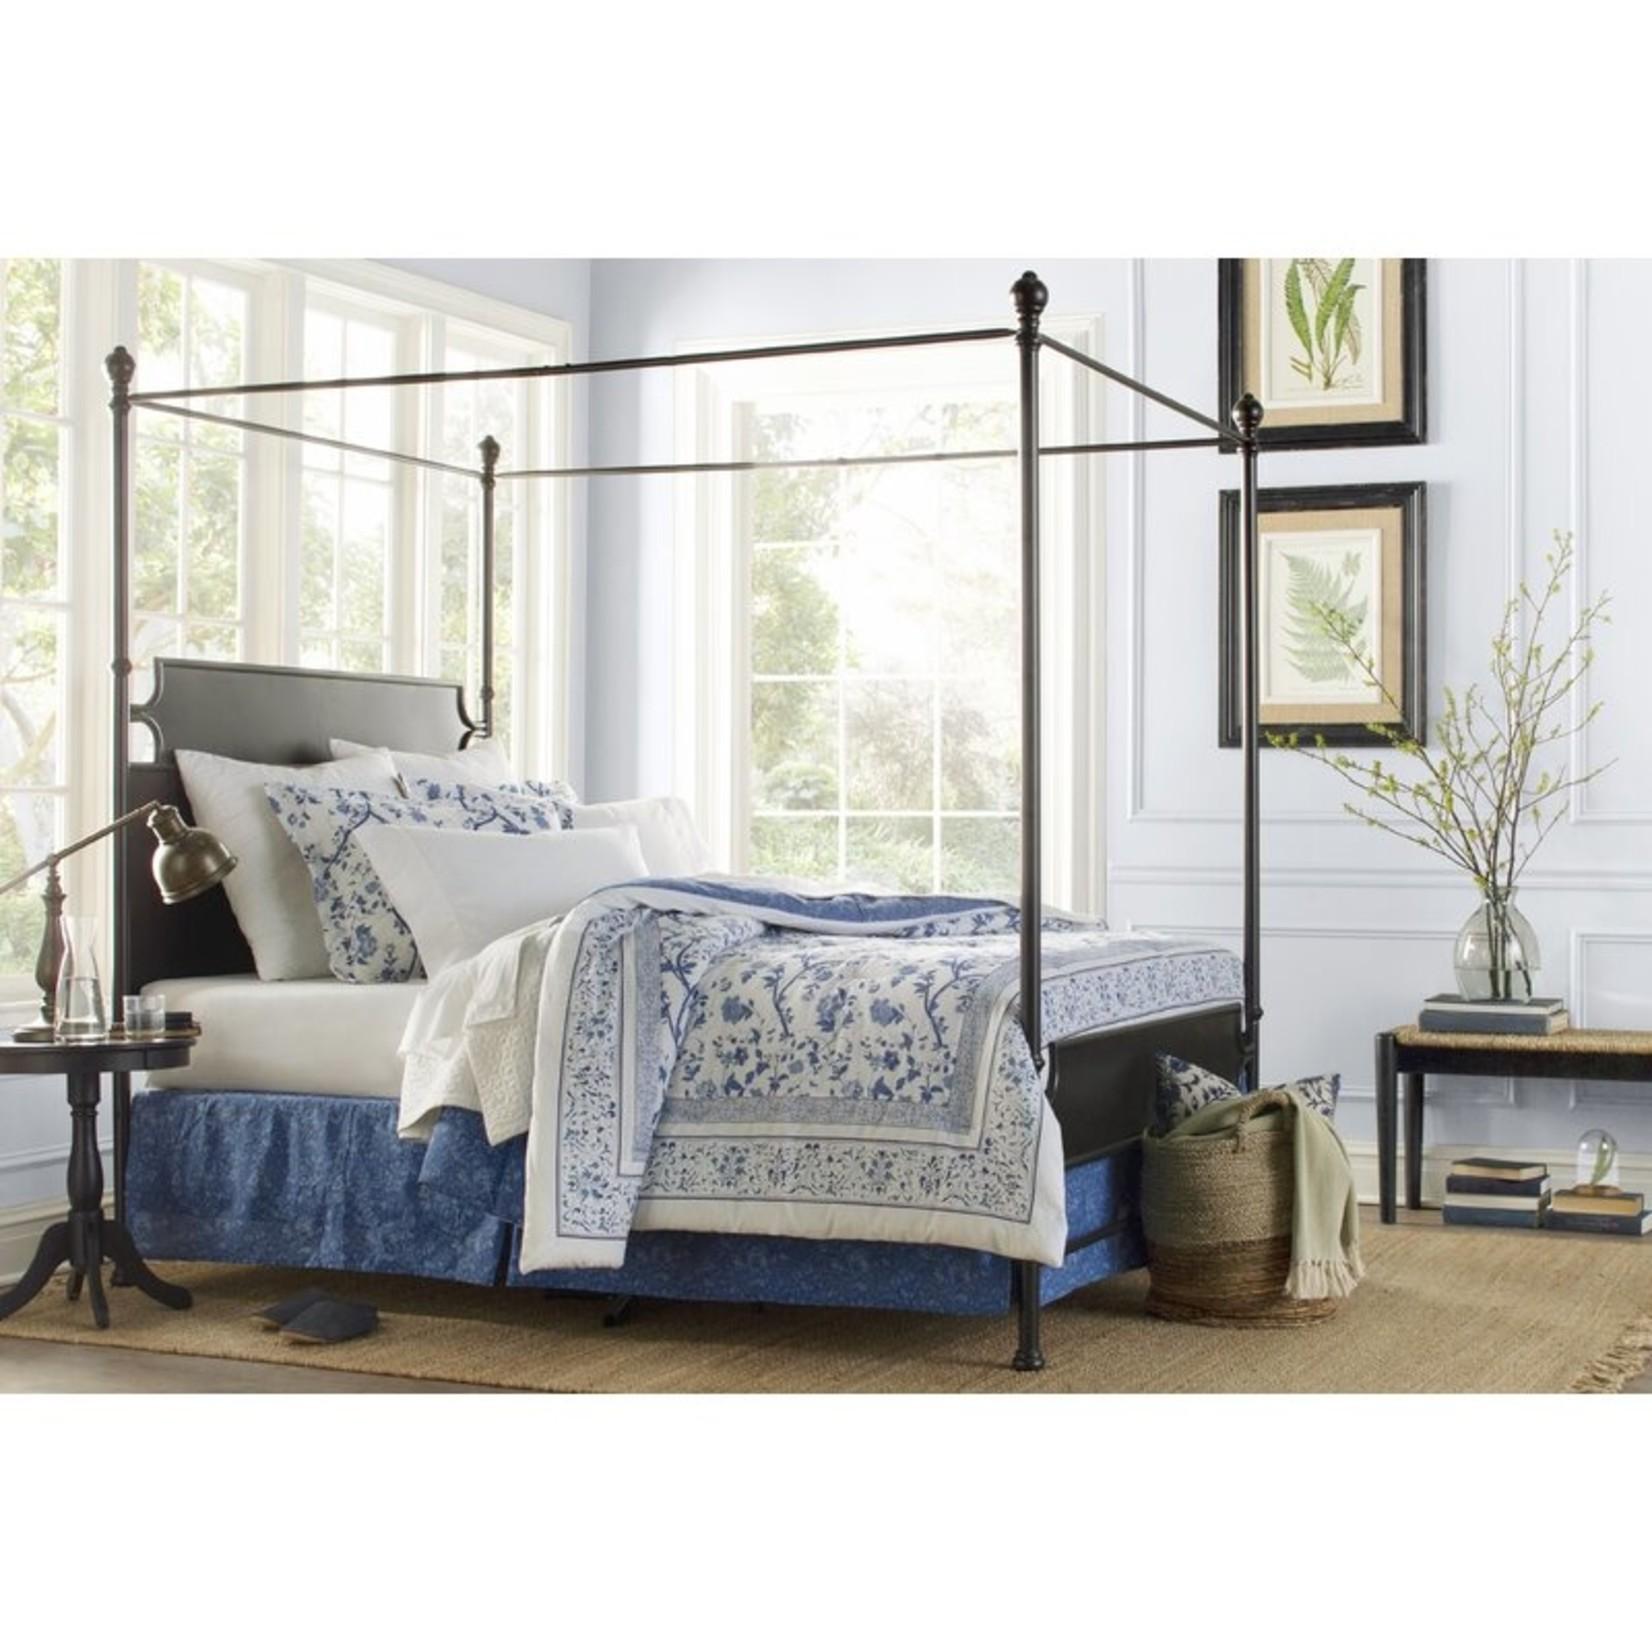 *Queen - Charlotte Reversible Comforter Set - Final Sale